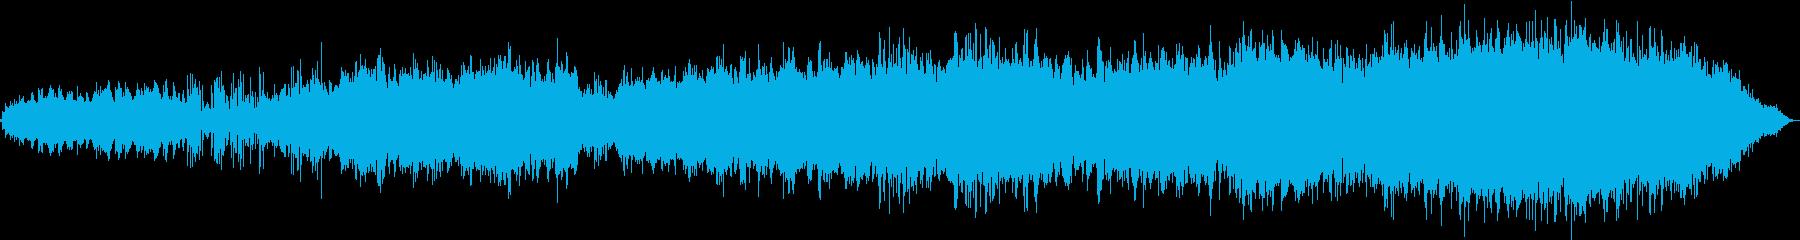 東洋的な雰囲気のBGMの再生済みの波形